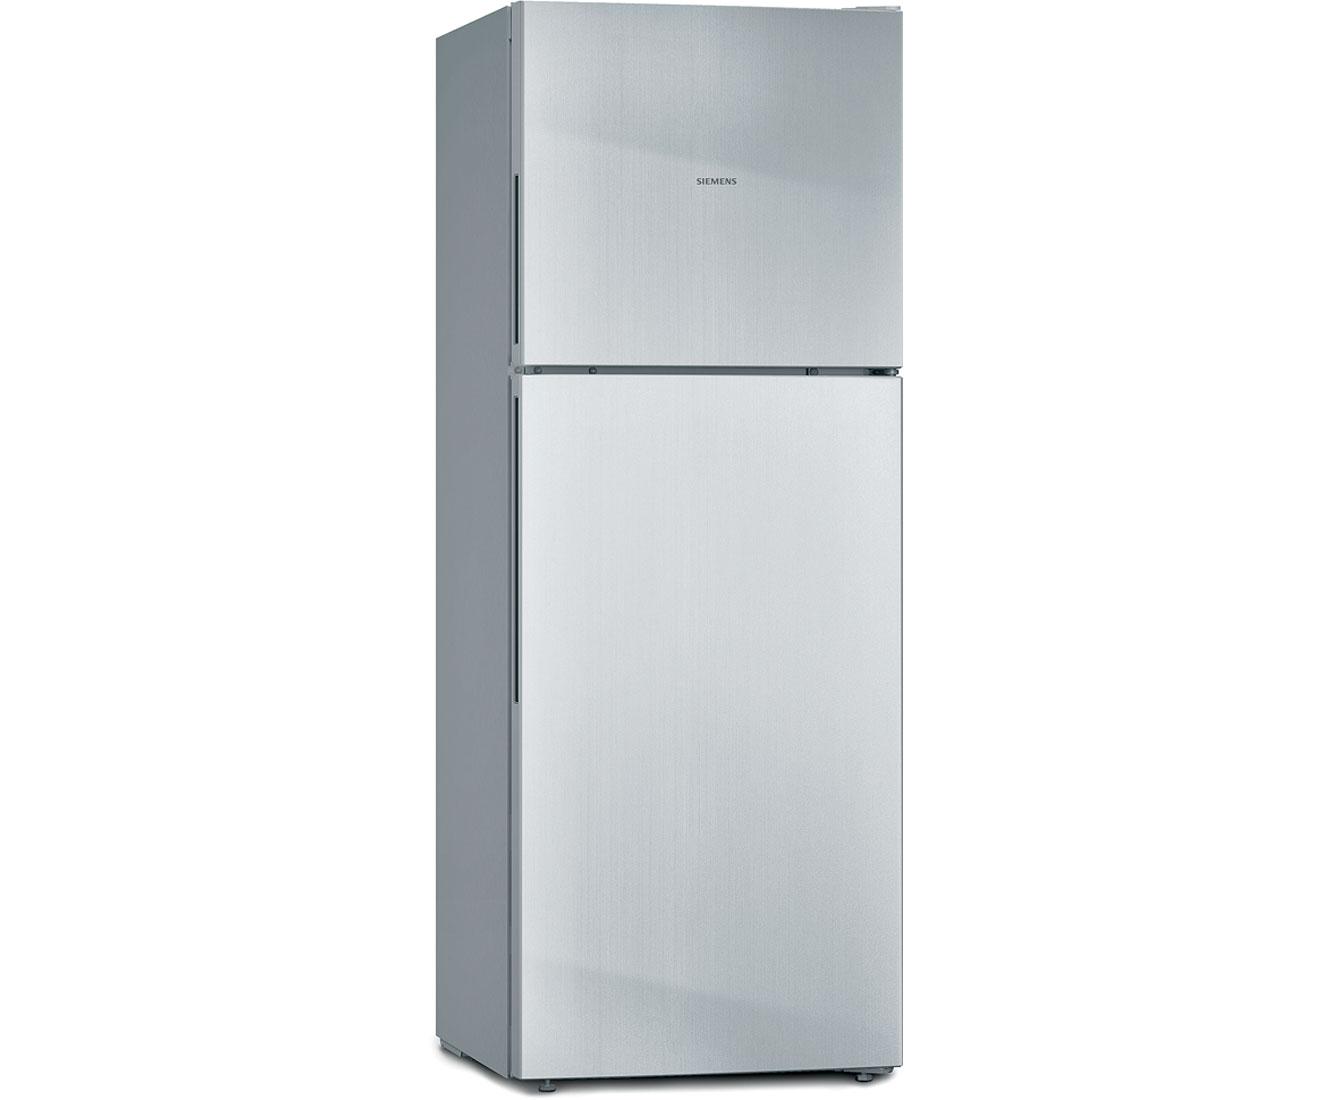 Siemens Kühlschrank Retro : Siemens iq300 kd29vvl30 kühl gefrierkombination 60er breite